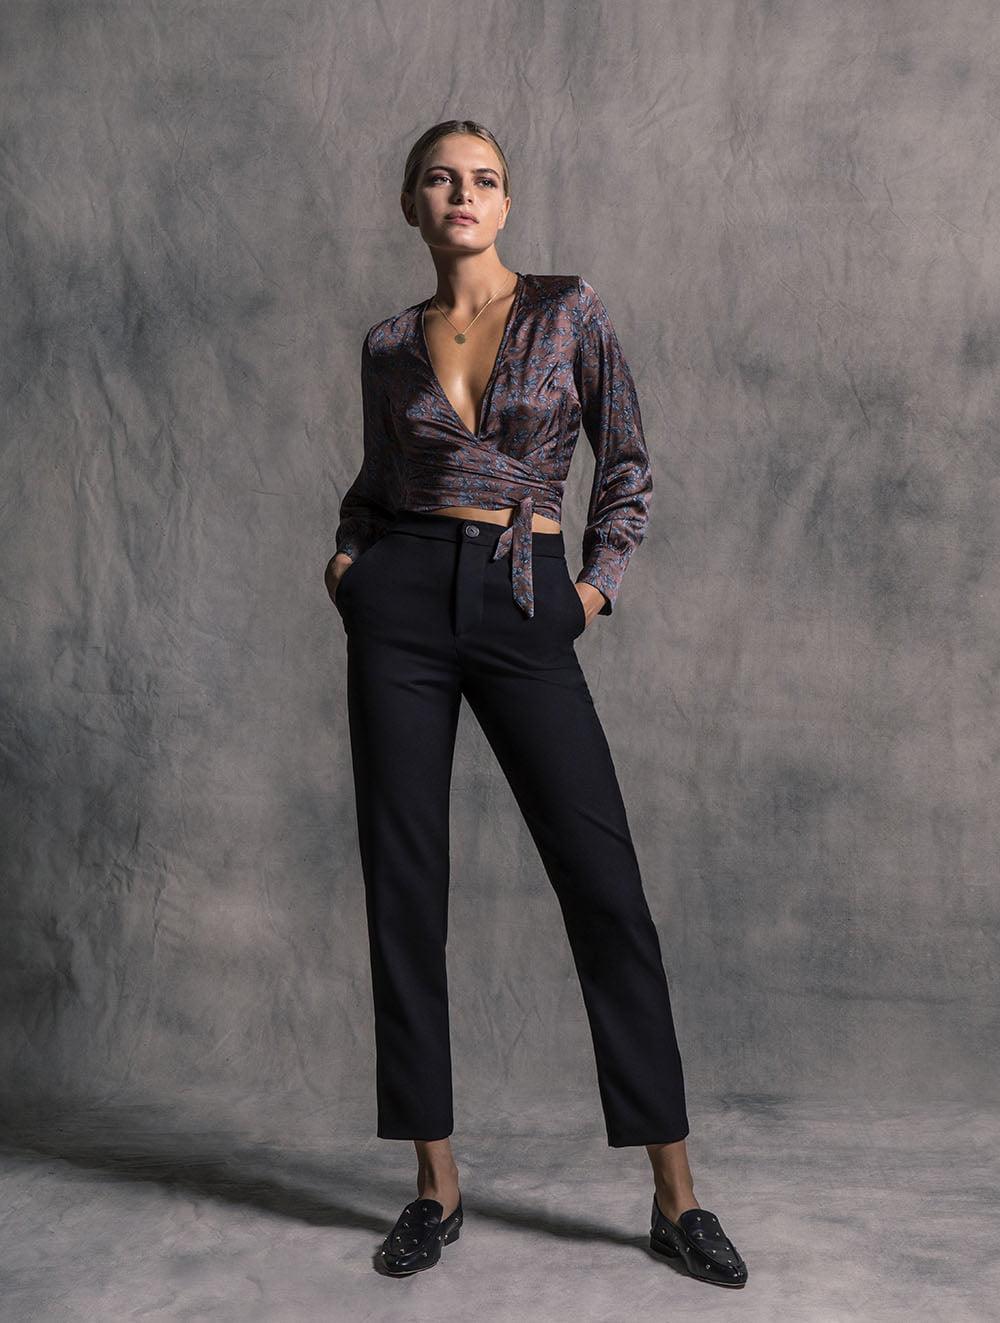 Ashley pants